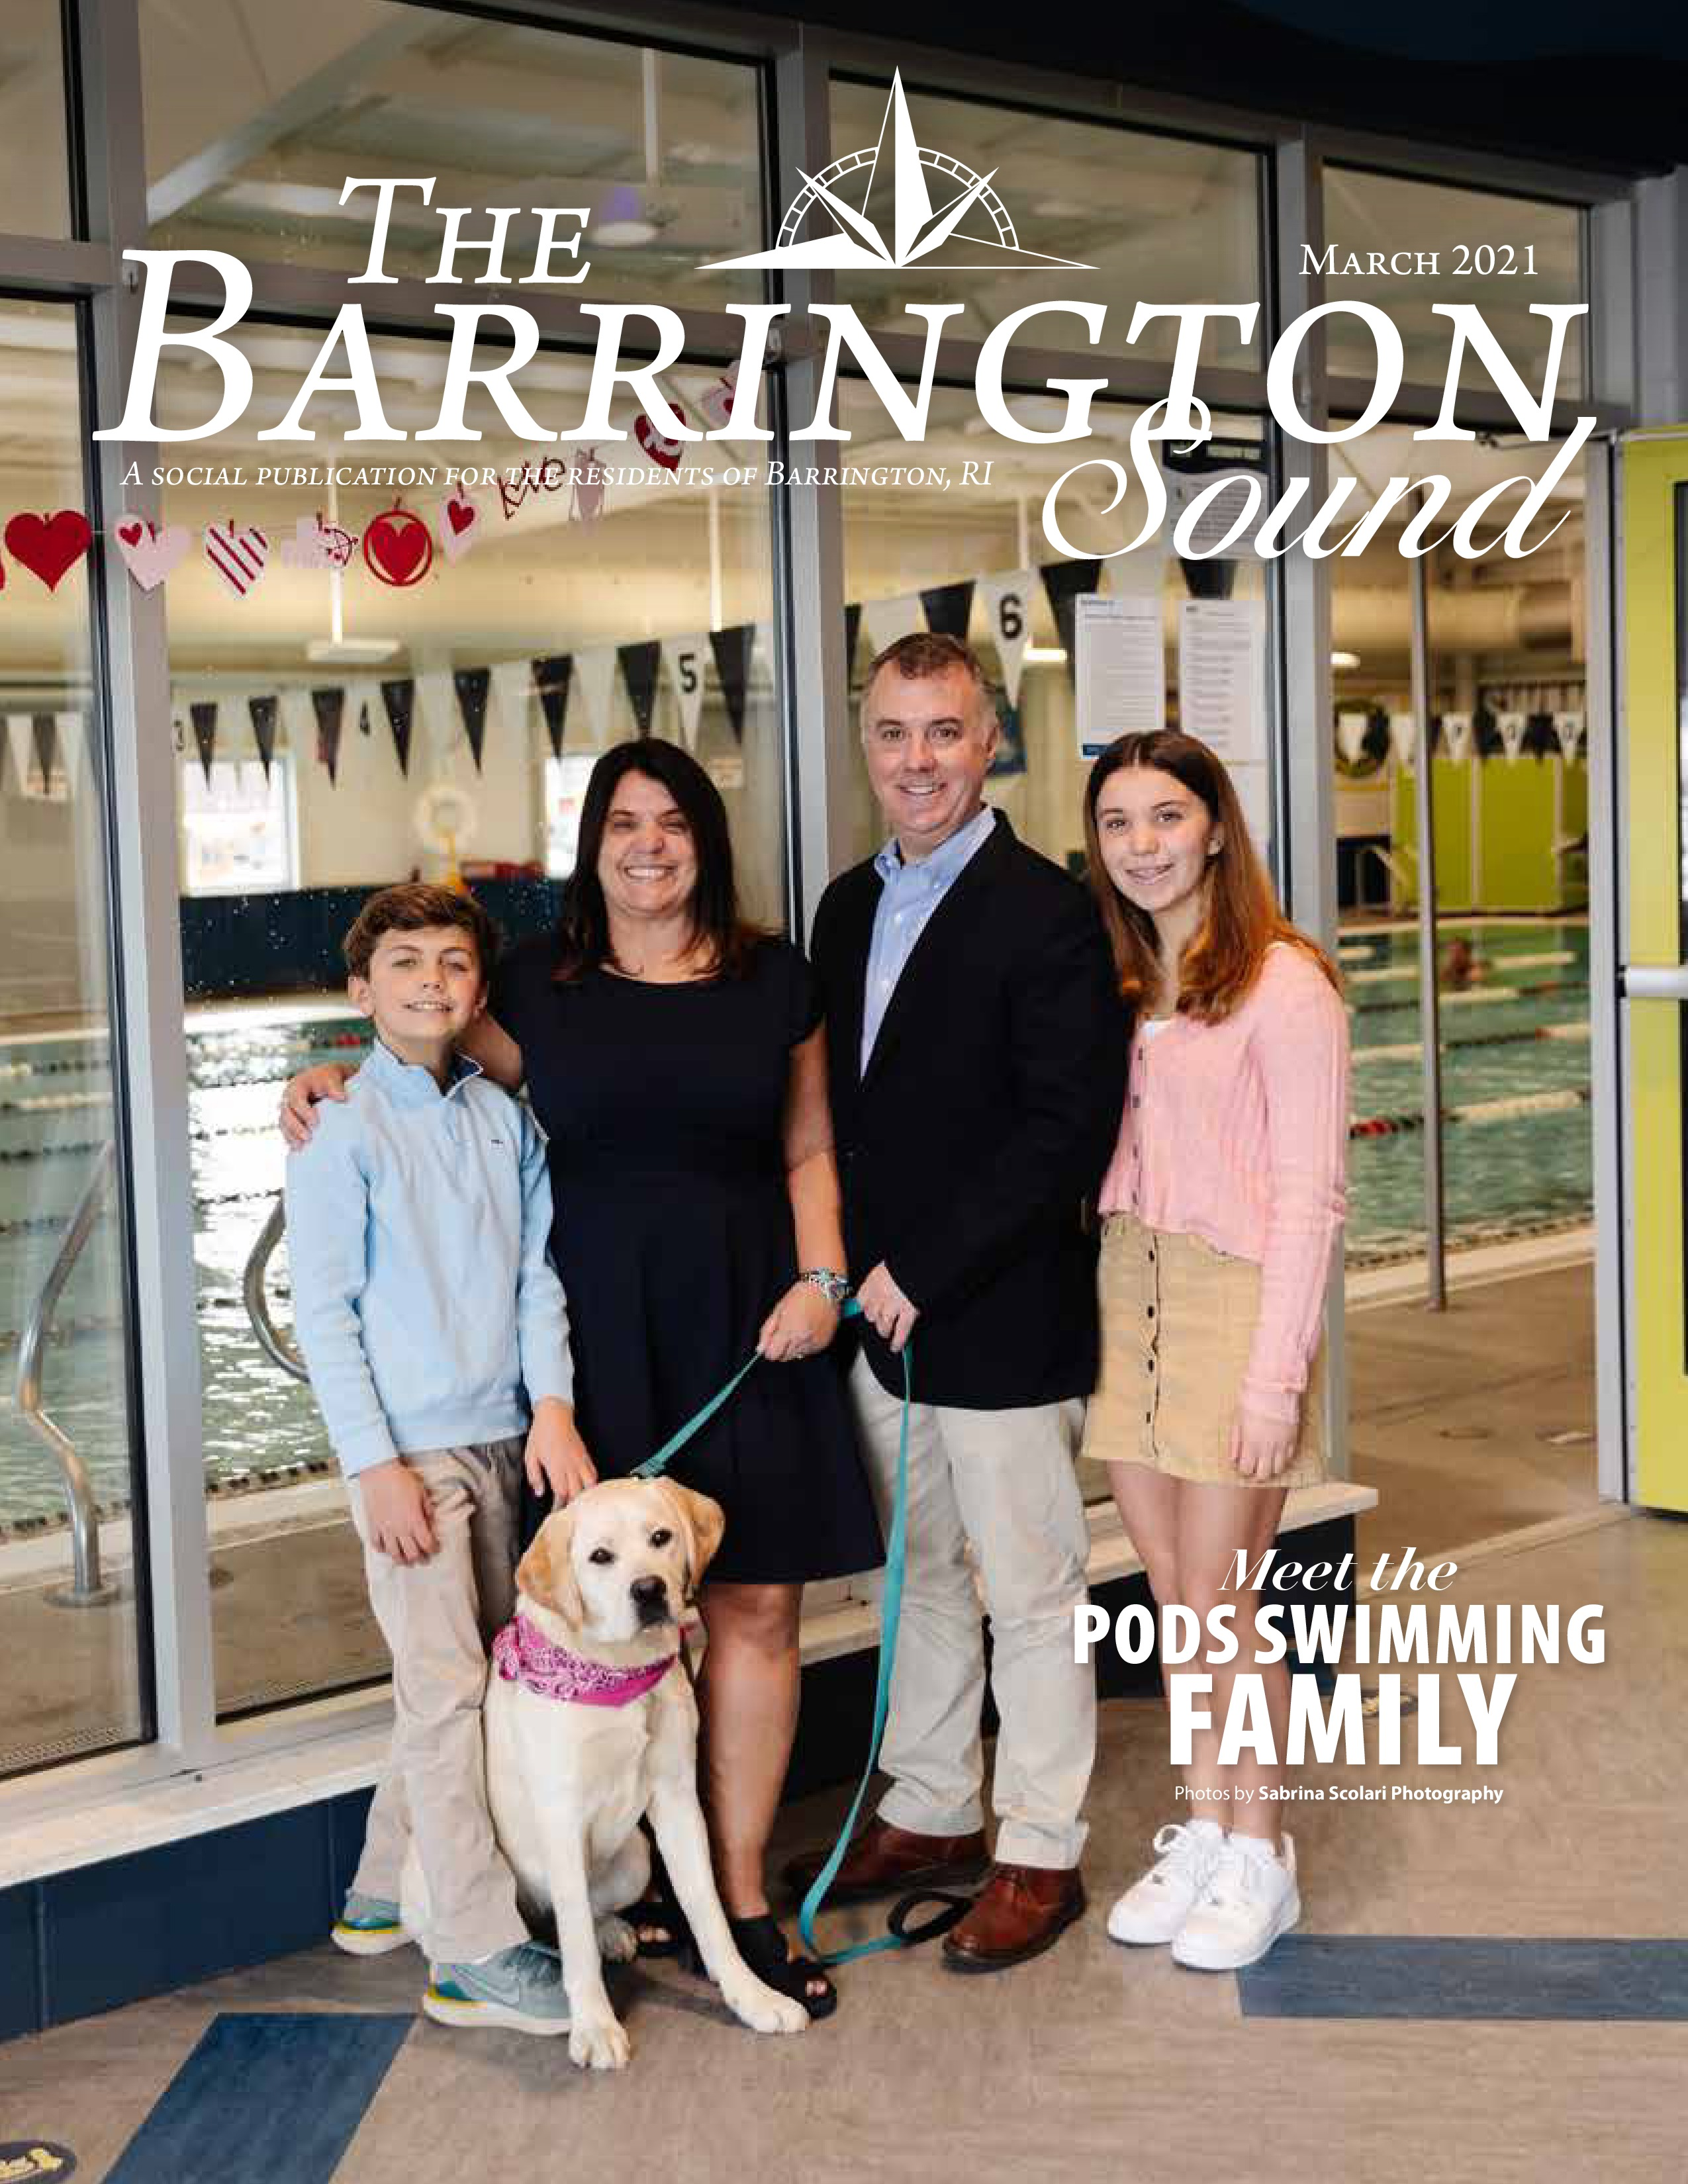 The Barrington Sound 2021-03-01